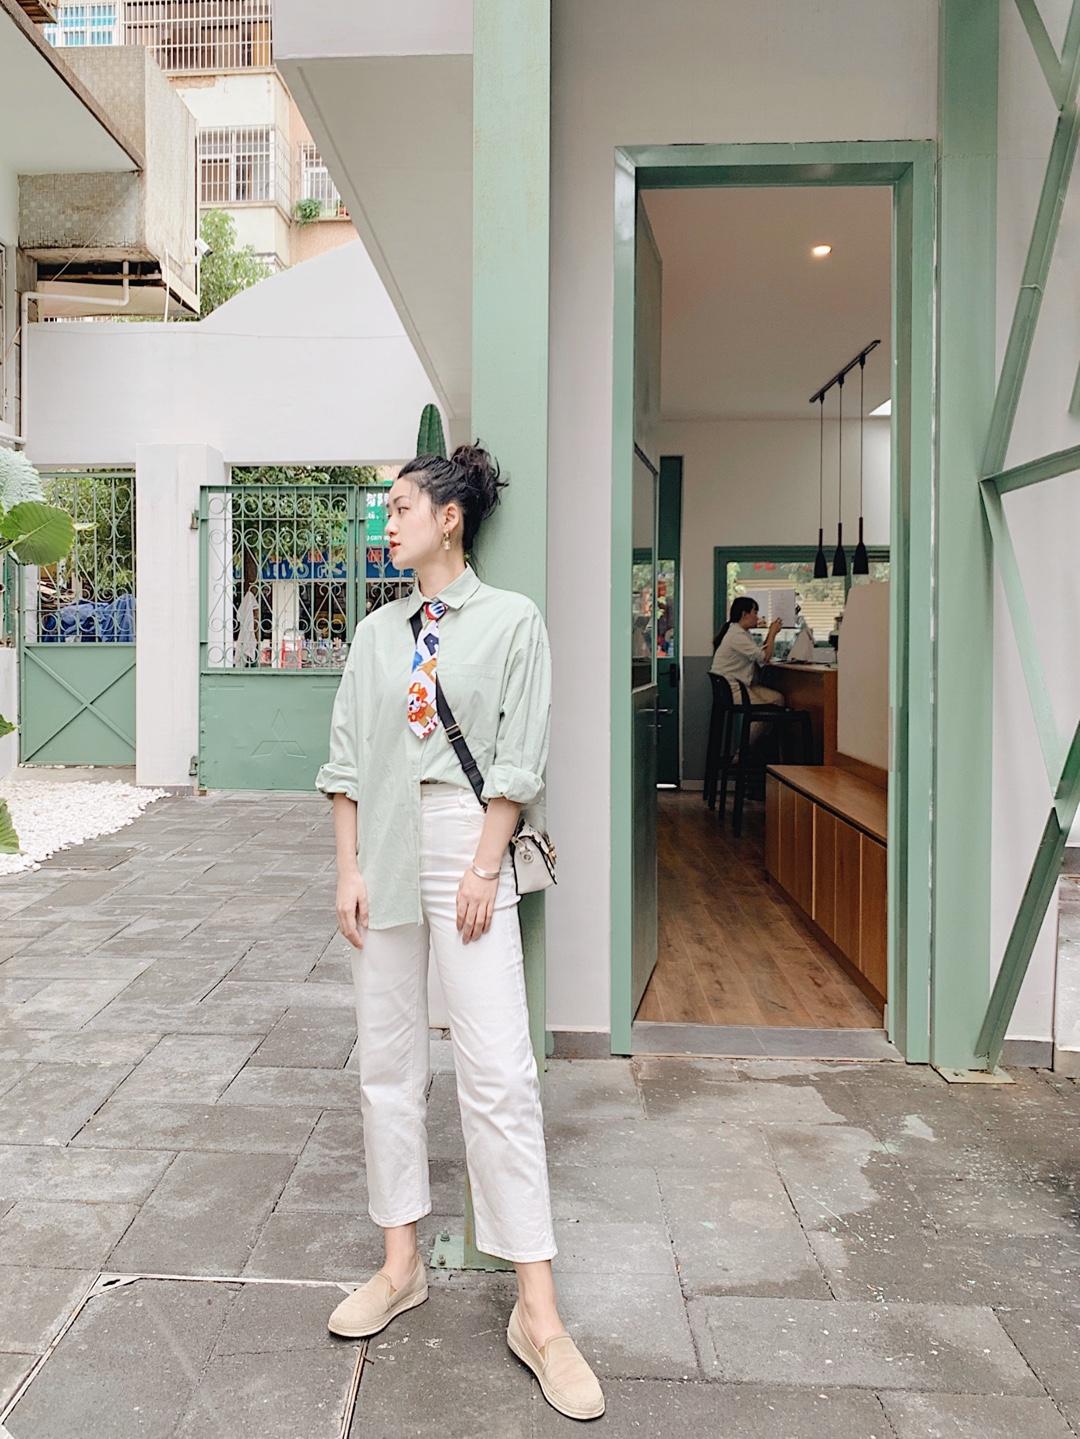 OOTD 做夏日里最清凉的一抹绿🍃 今天选择了薄荷绿的衬衫,下搭白色九分裤,整体都是亮色系,这样看起来心情超nice~💚还特地加了一条卡通一点的领带,这样就帅中有一点小可爱😝 结果到店以后意外的发现居然和店面装修是同一个色系🍀真的感觉有点意外[赞R][赞R]店内每一处拍照都超好看哦~ #夏日简约风,高级又消暑#